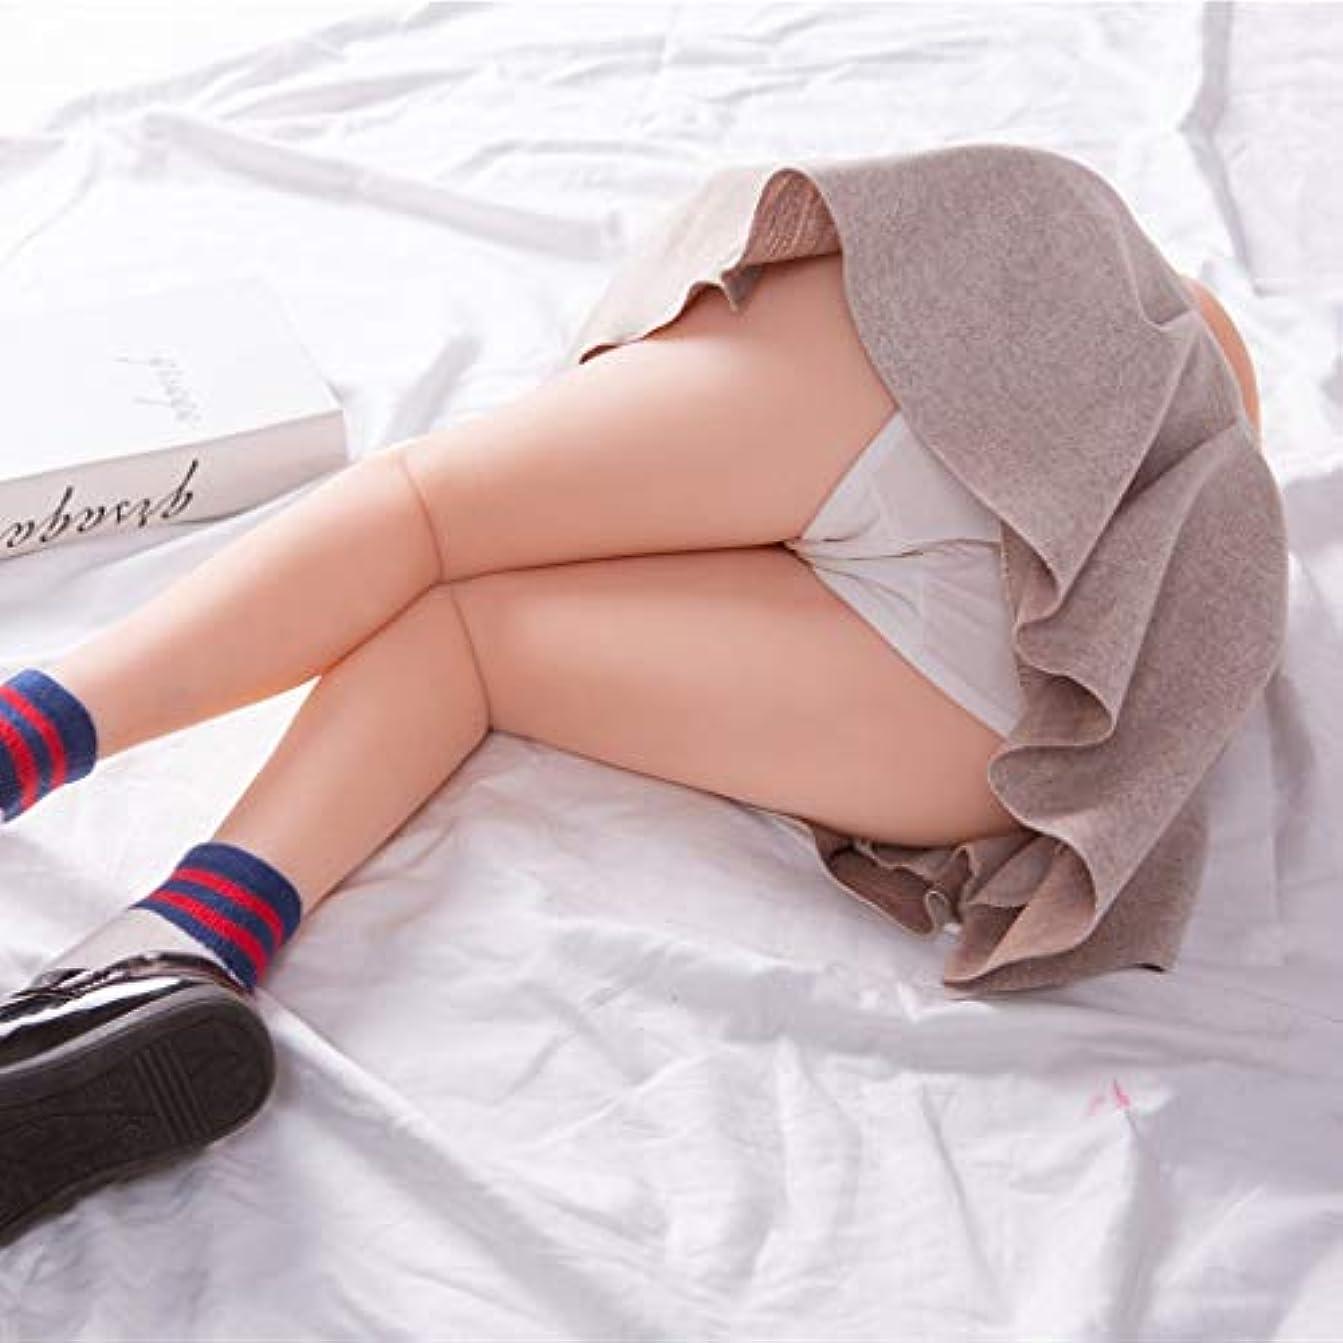 マニア鉱石はぁ初心者マンファニー大人のおもちゃリアルなスキンリアルのためのフルボディ女性シリコーントルソ愛のおもちゃ (Size : 50cm)